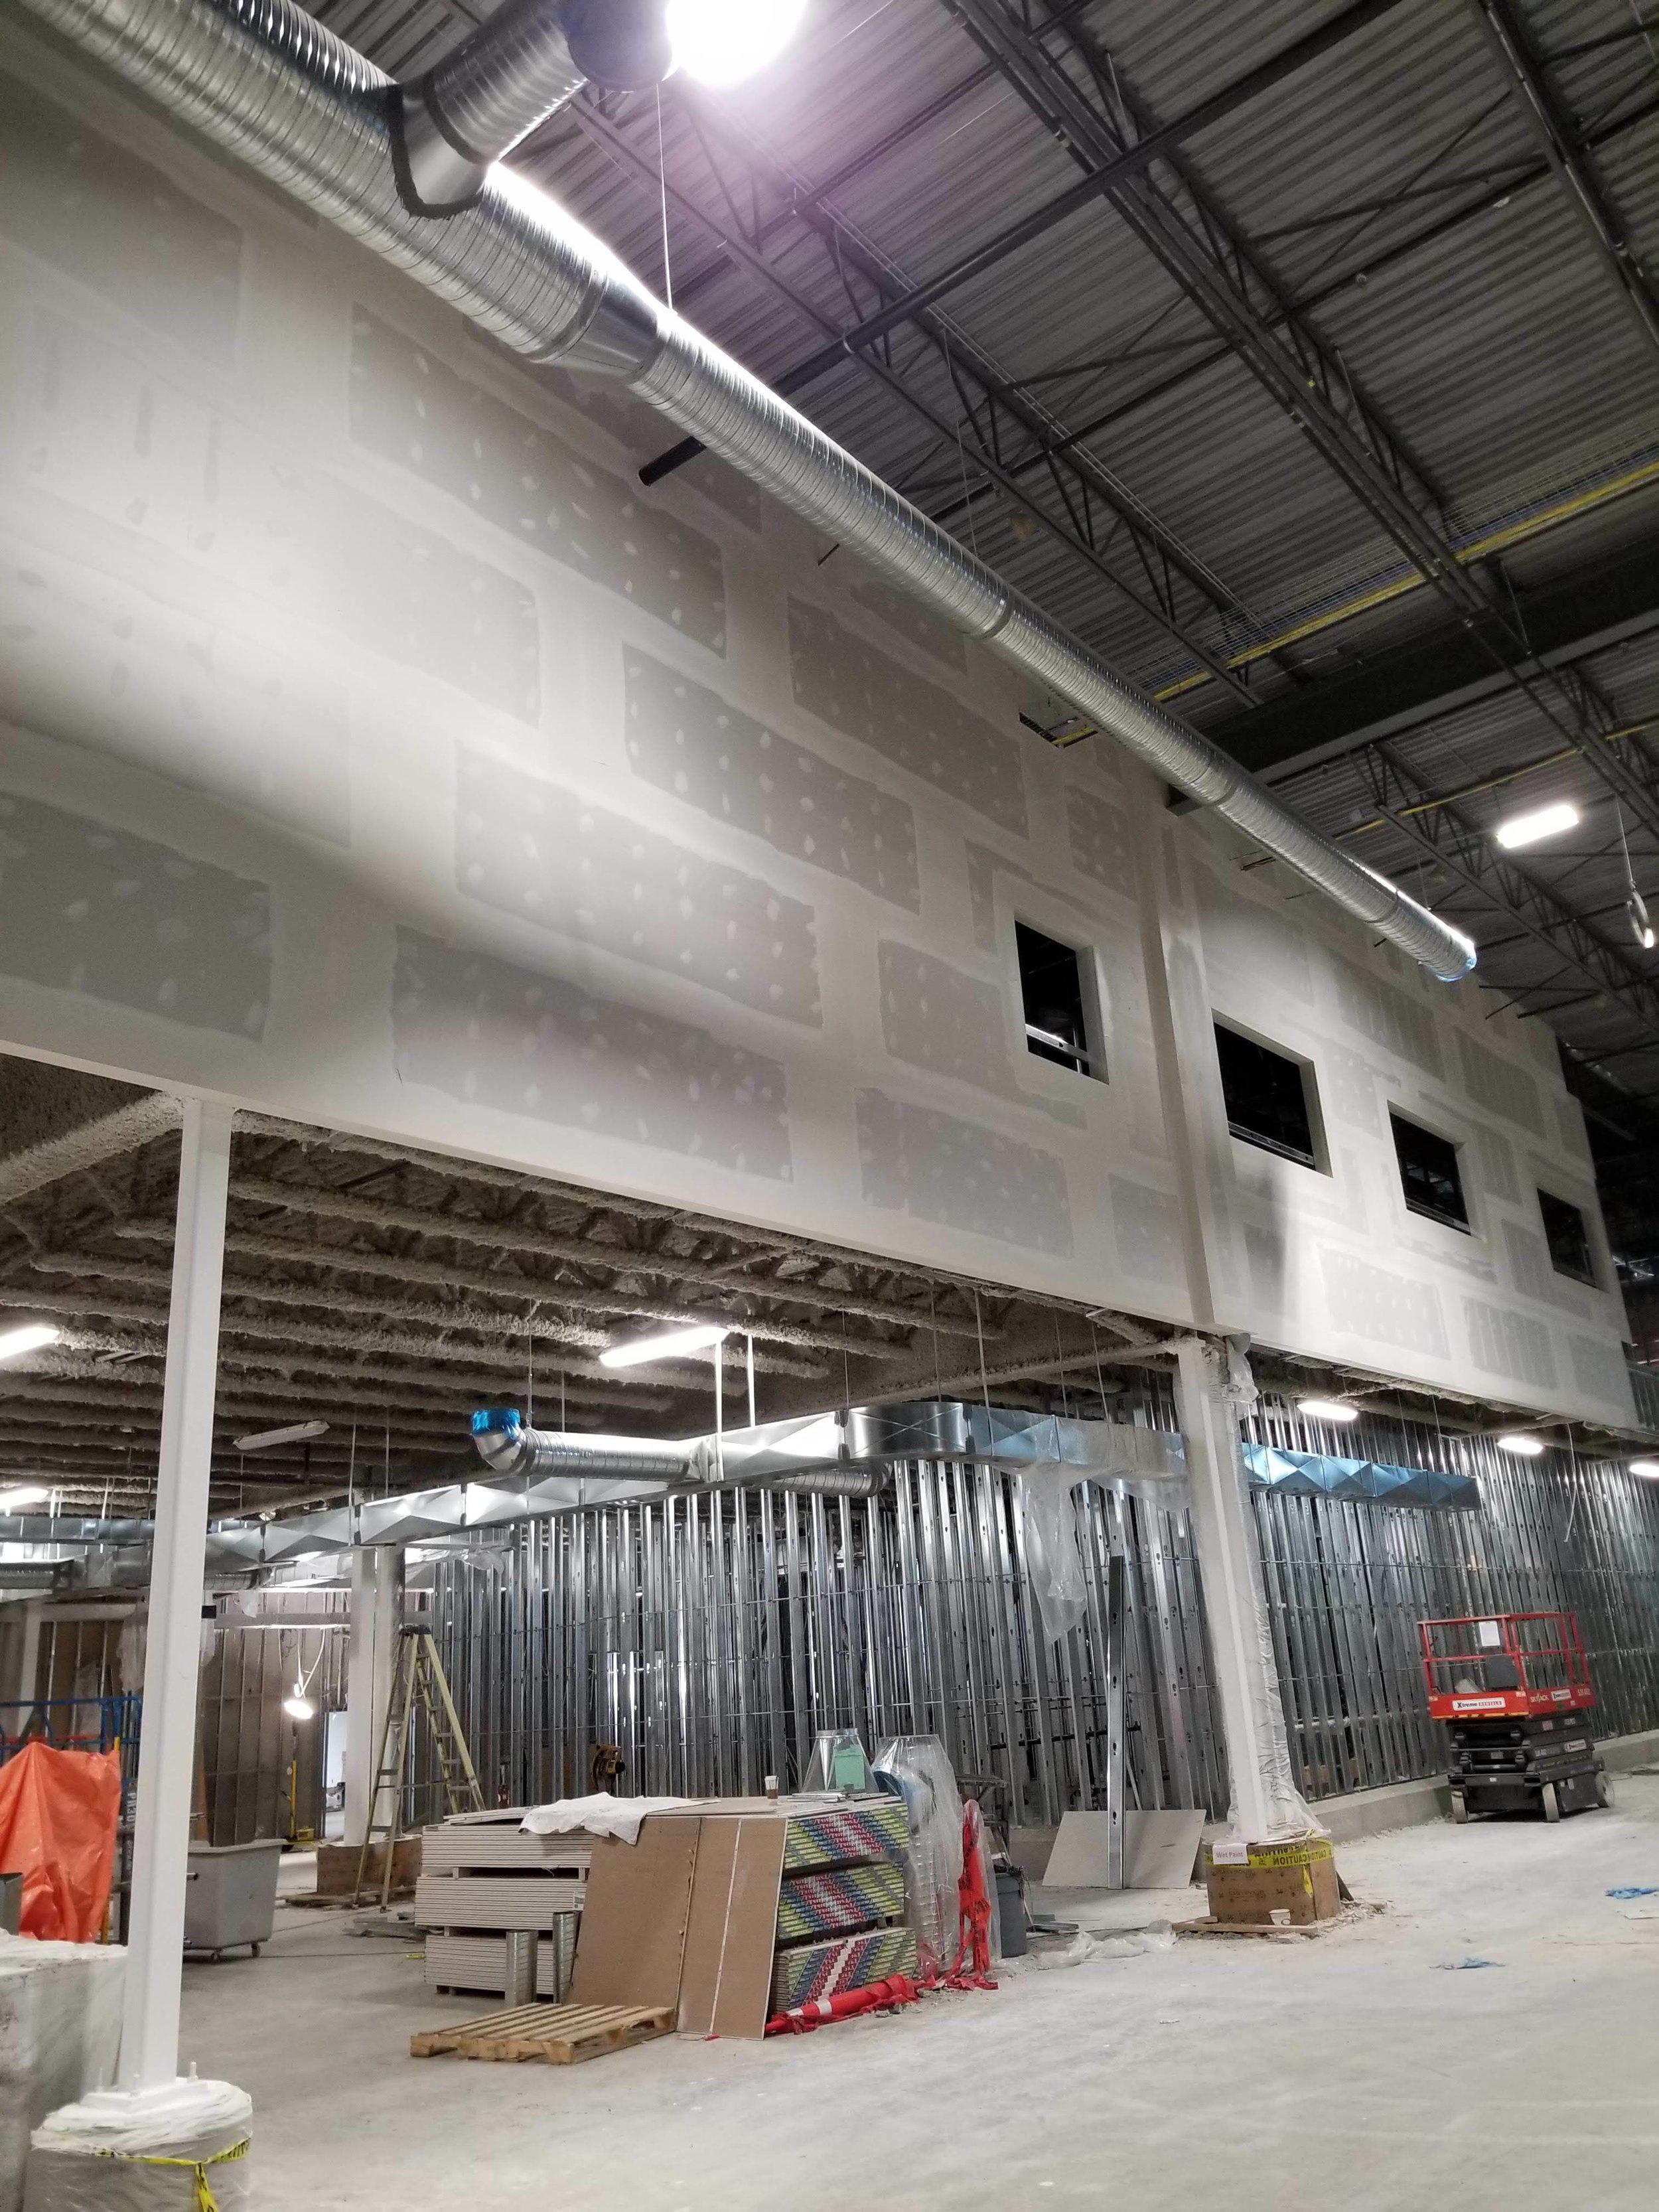 BC LDB Warehouse, Ladner, Magil Construction, MacLean Bros. Drywall